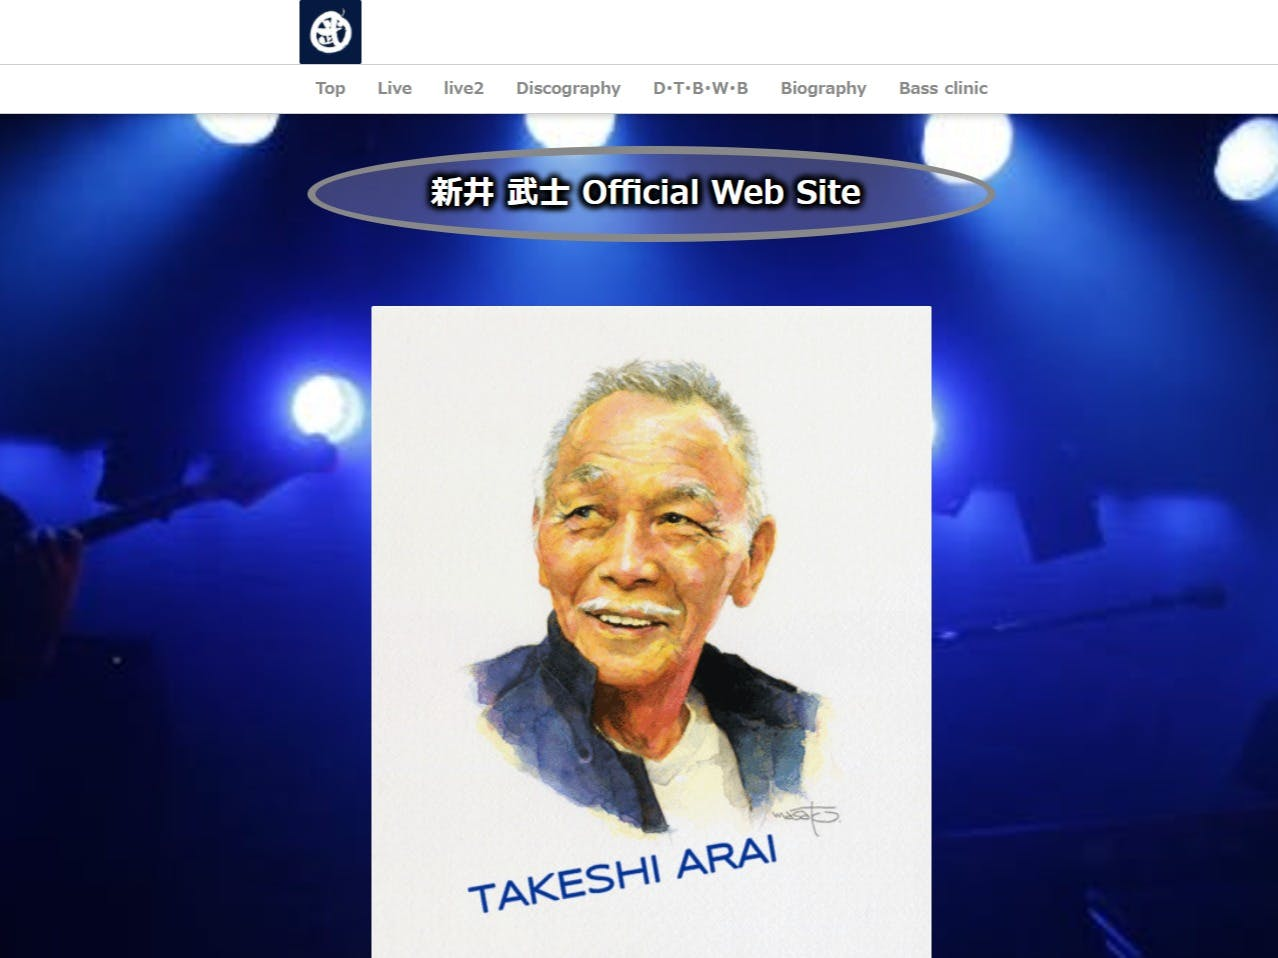 新井武士オフィシャルサイトのトップページ